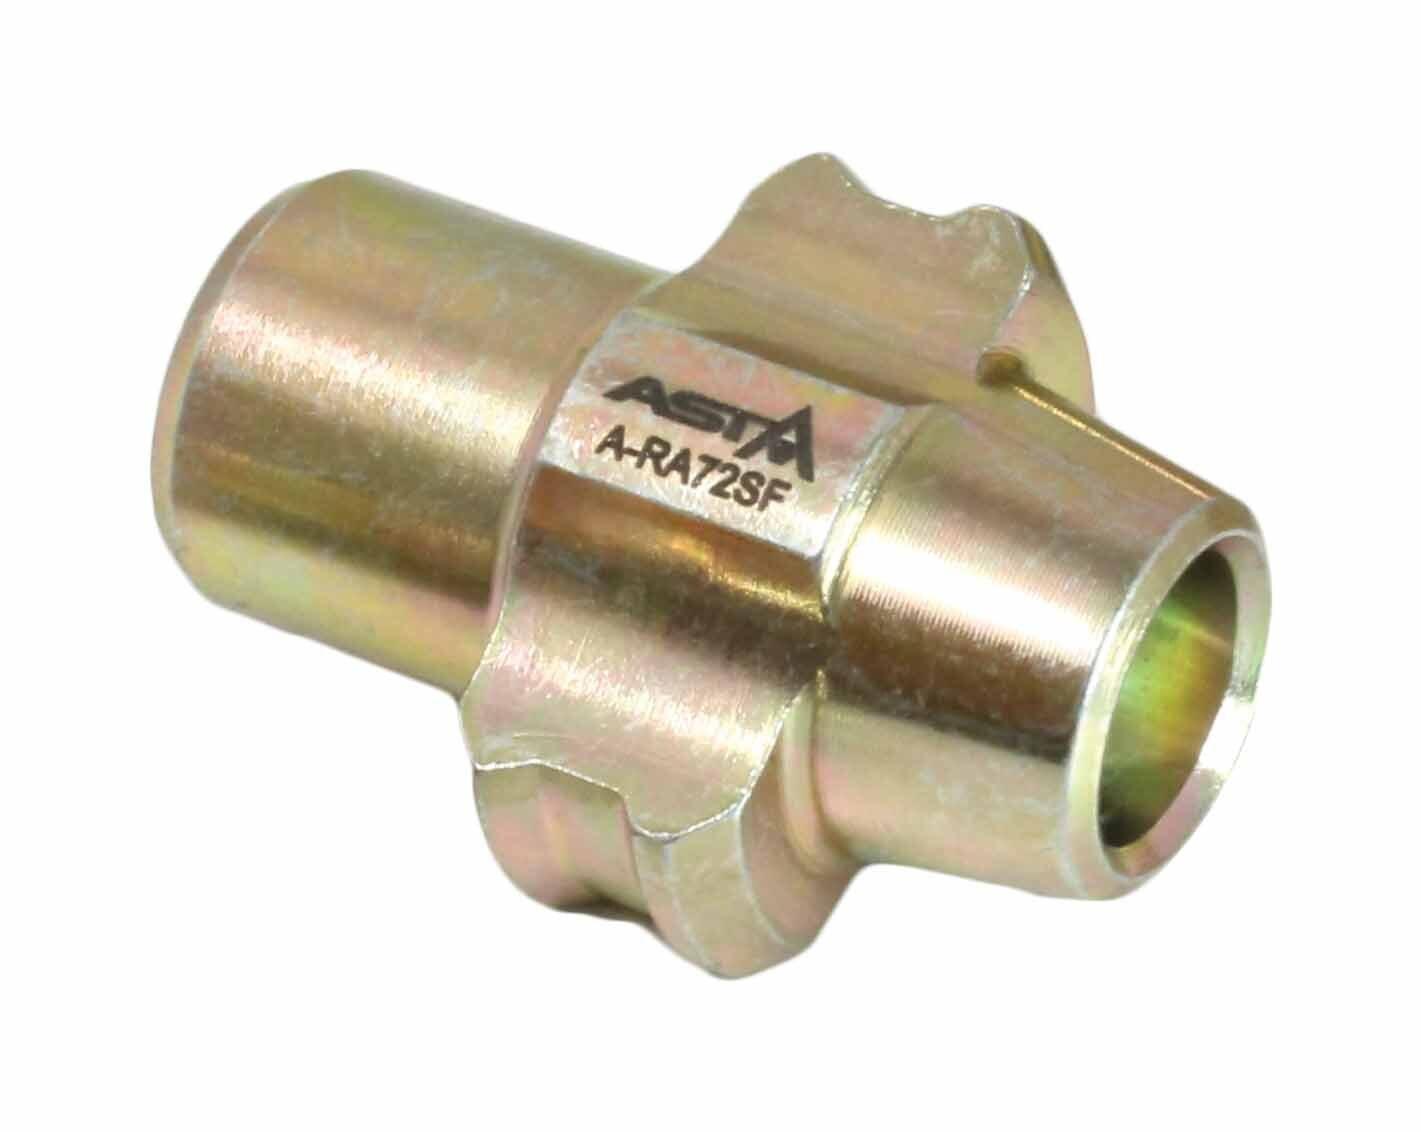 Nástavec pro demontáž bezpečnostních šroubů kol, náhradní pro sadu A-WNR72SF - ASTA